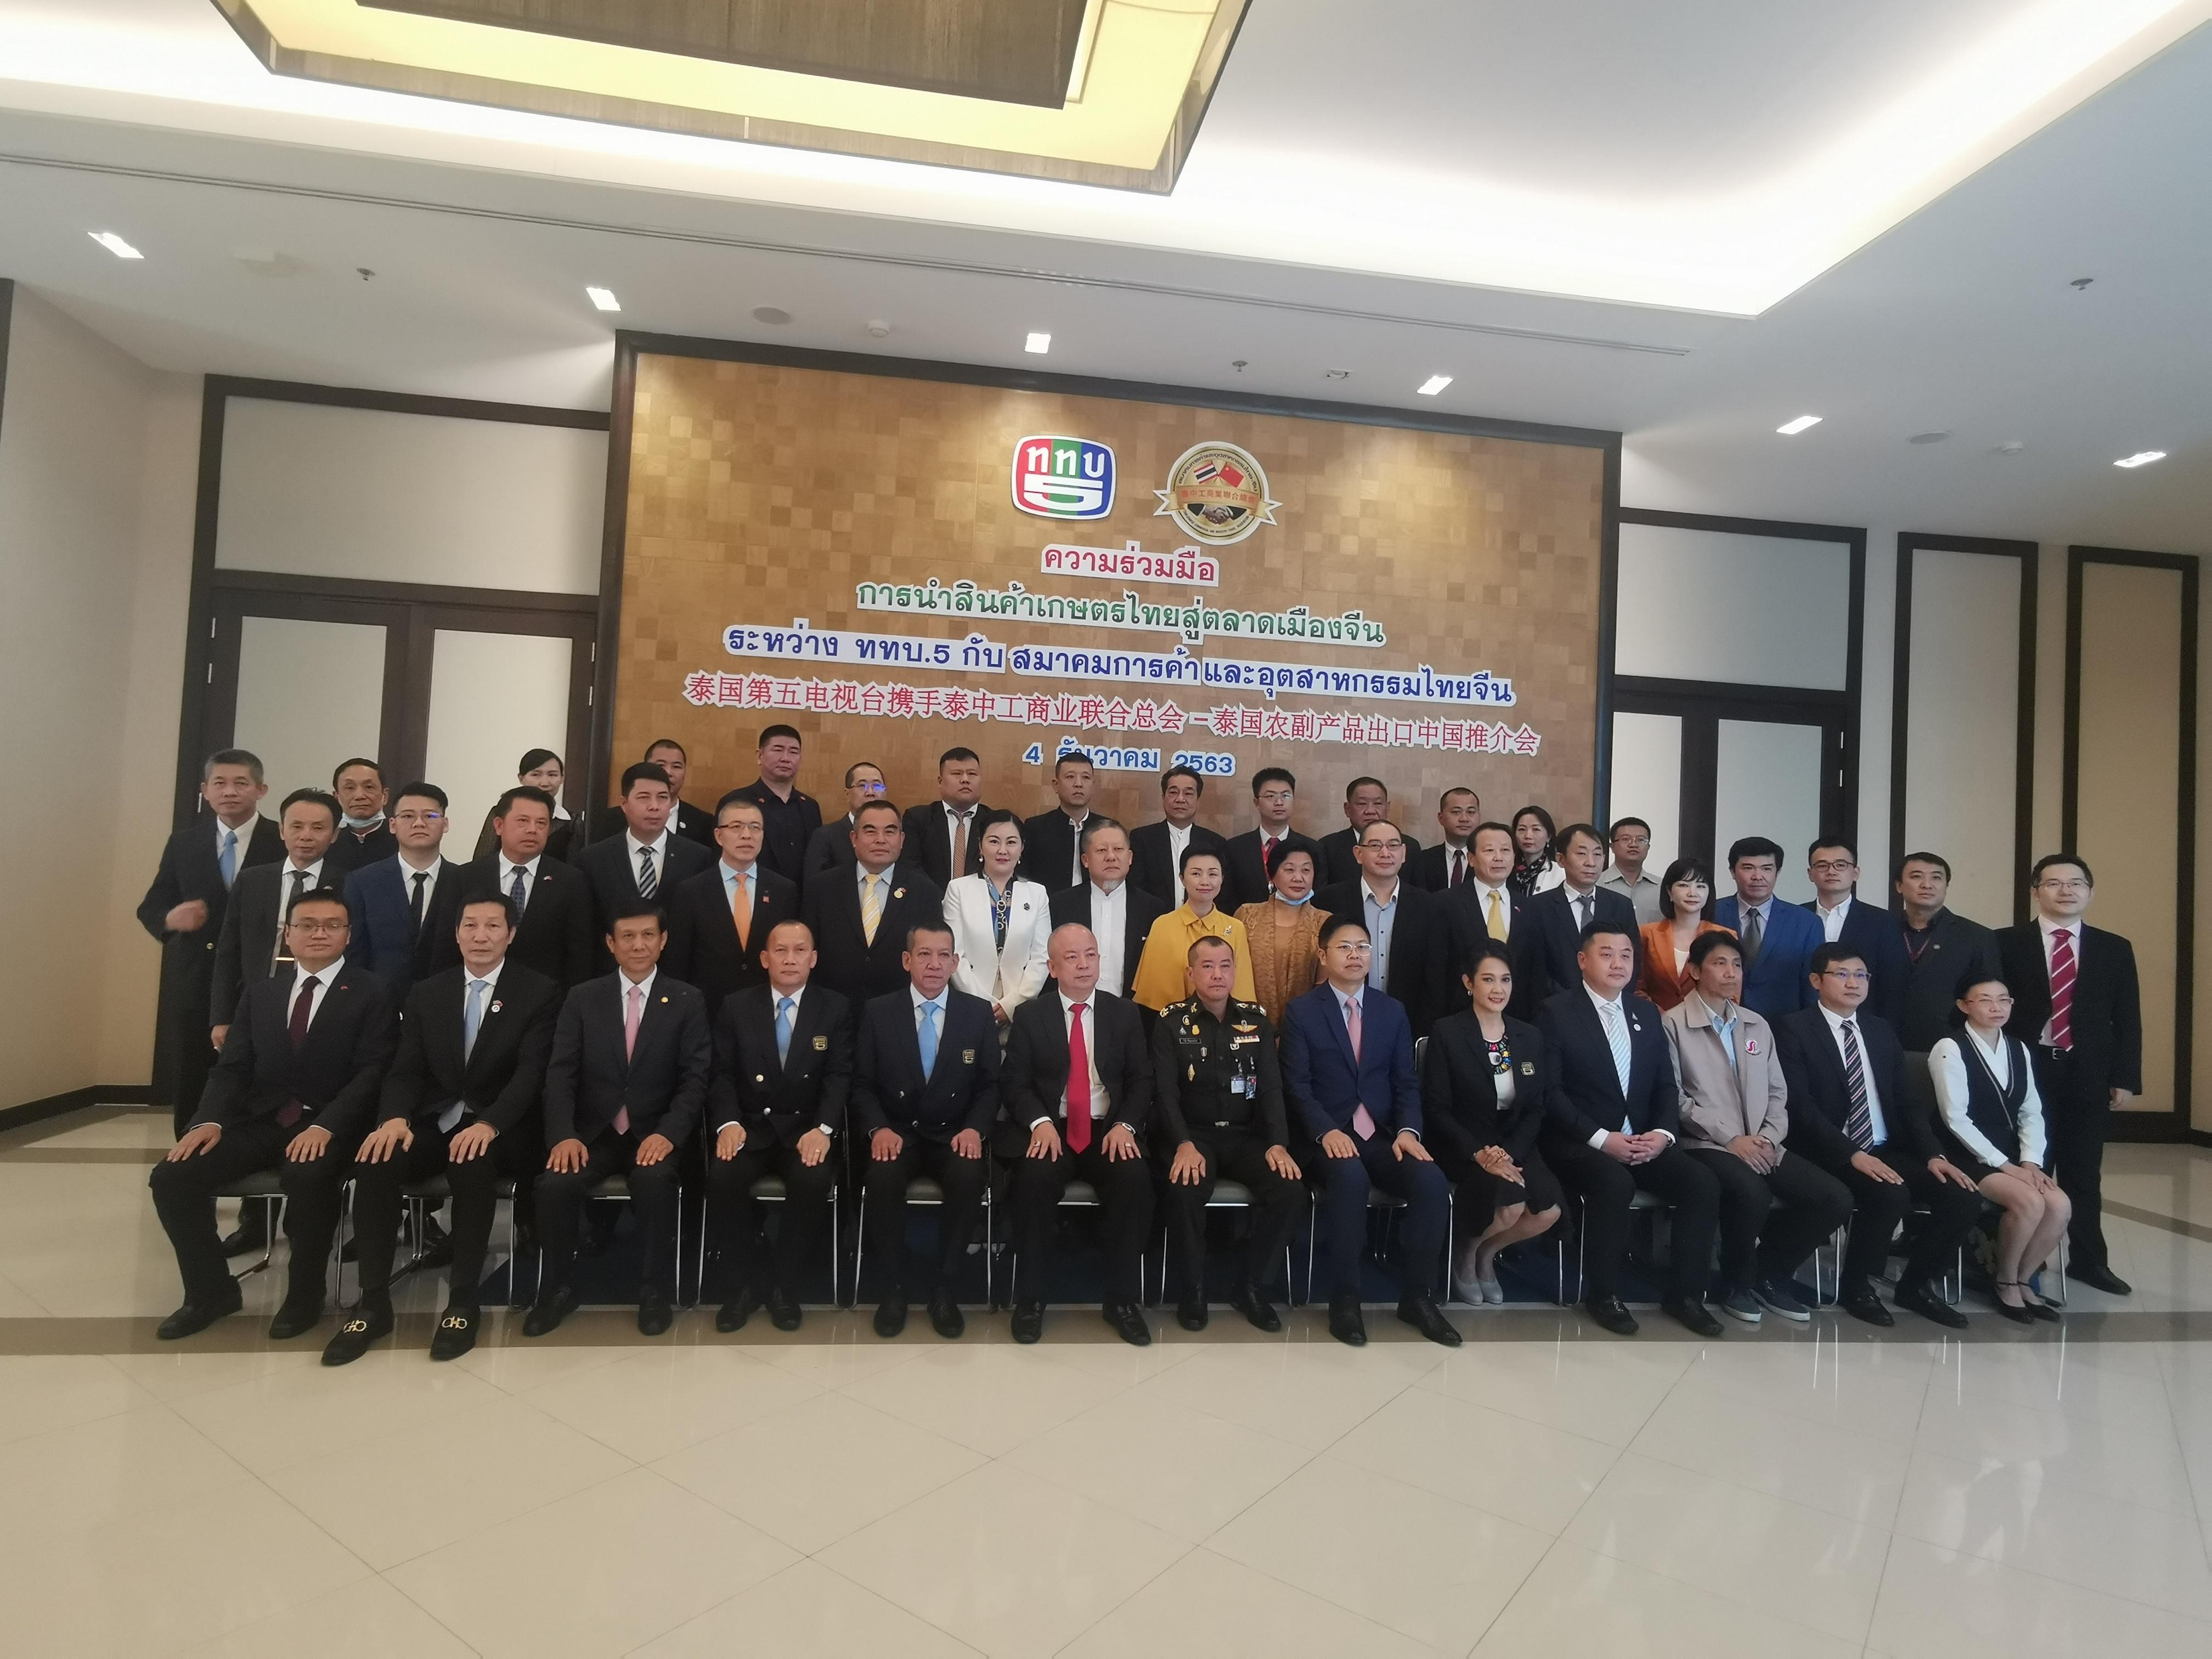 泰国温州商会出席泰国第五电视台携手泰中工商业联合总会举办的泰国农副产品出口中国推介会